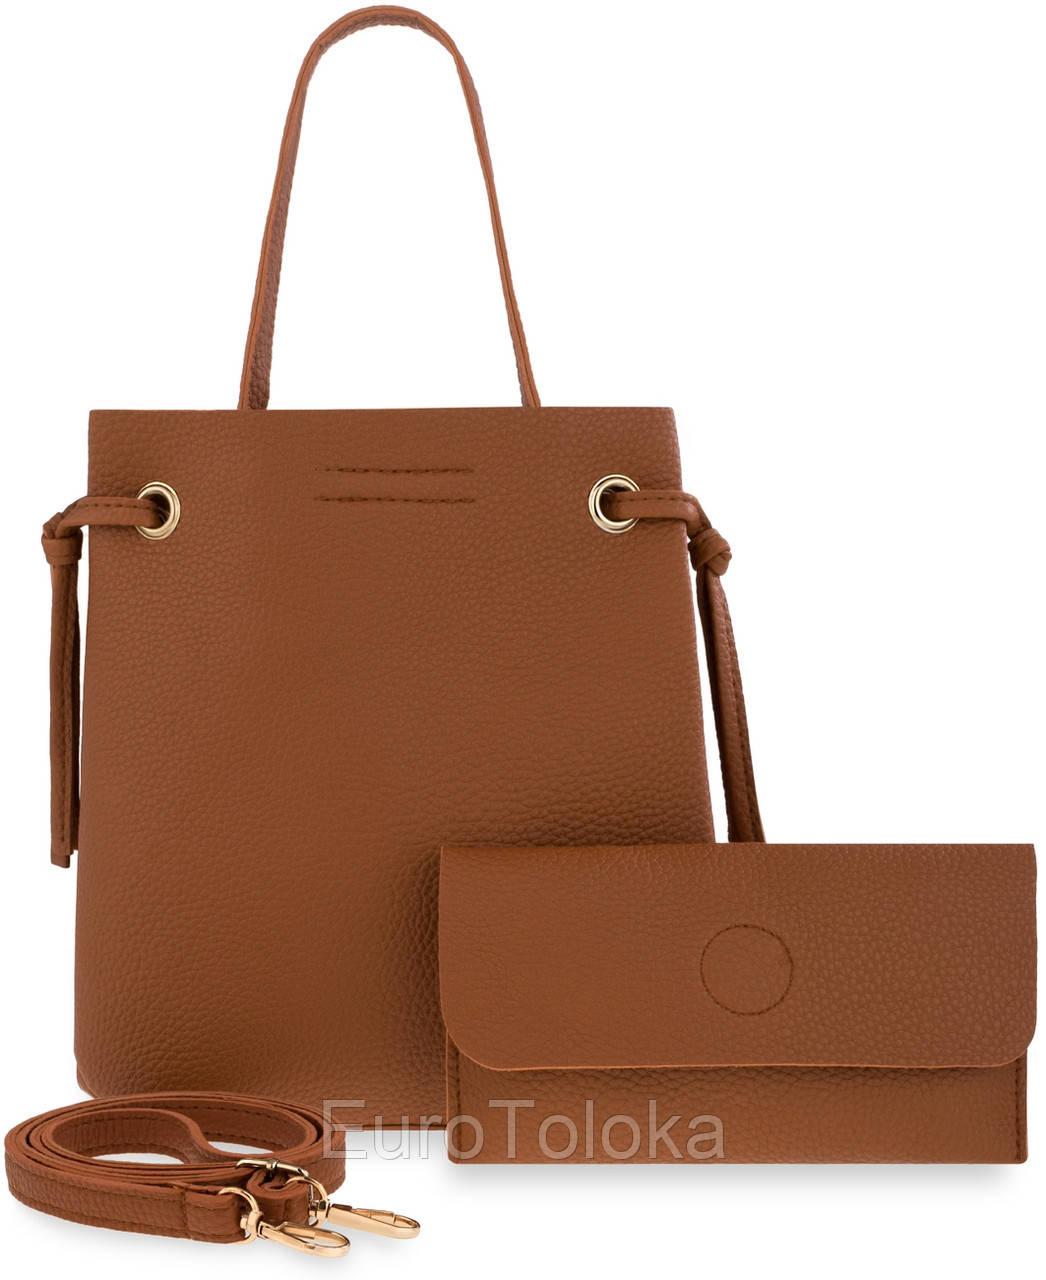 51155da80401 Женская сумка 2в1 клатч MAGNES коричневый Польша - EuroToloka в Волынской  области